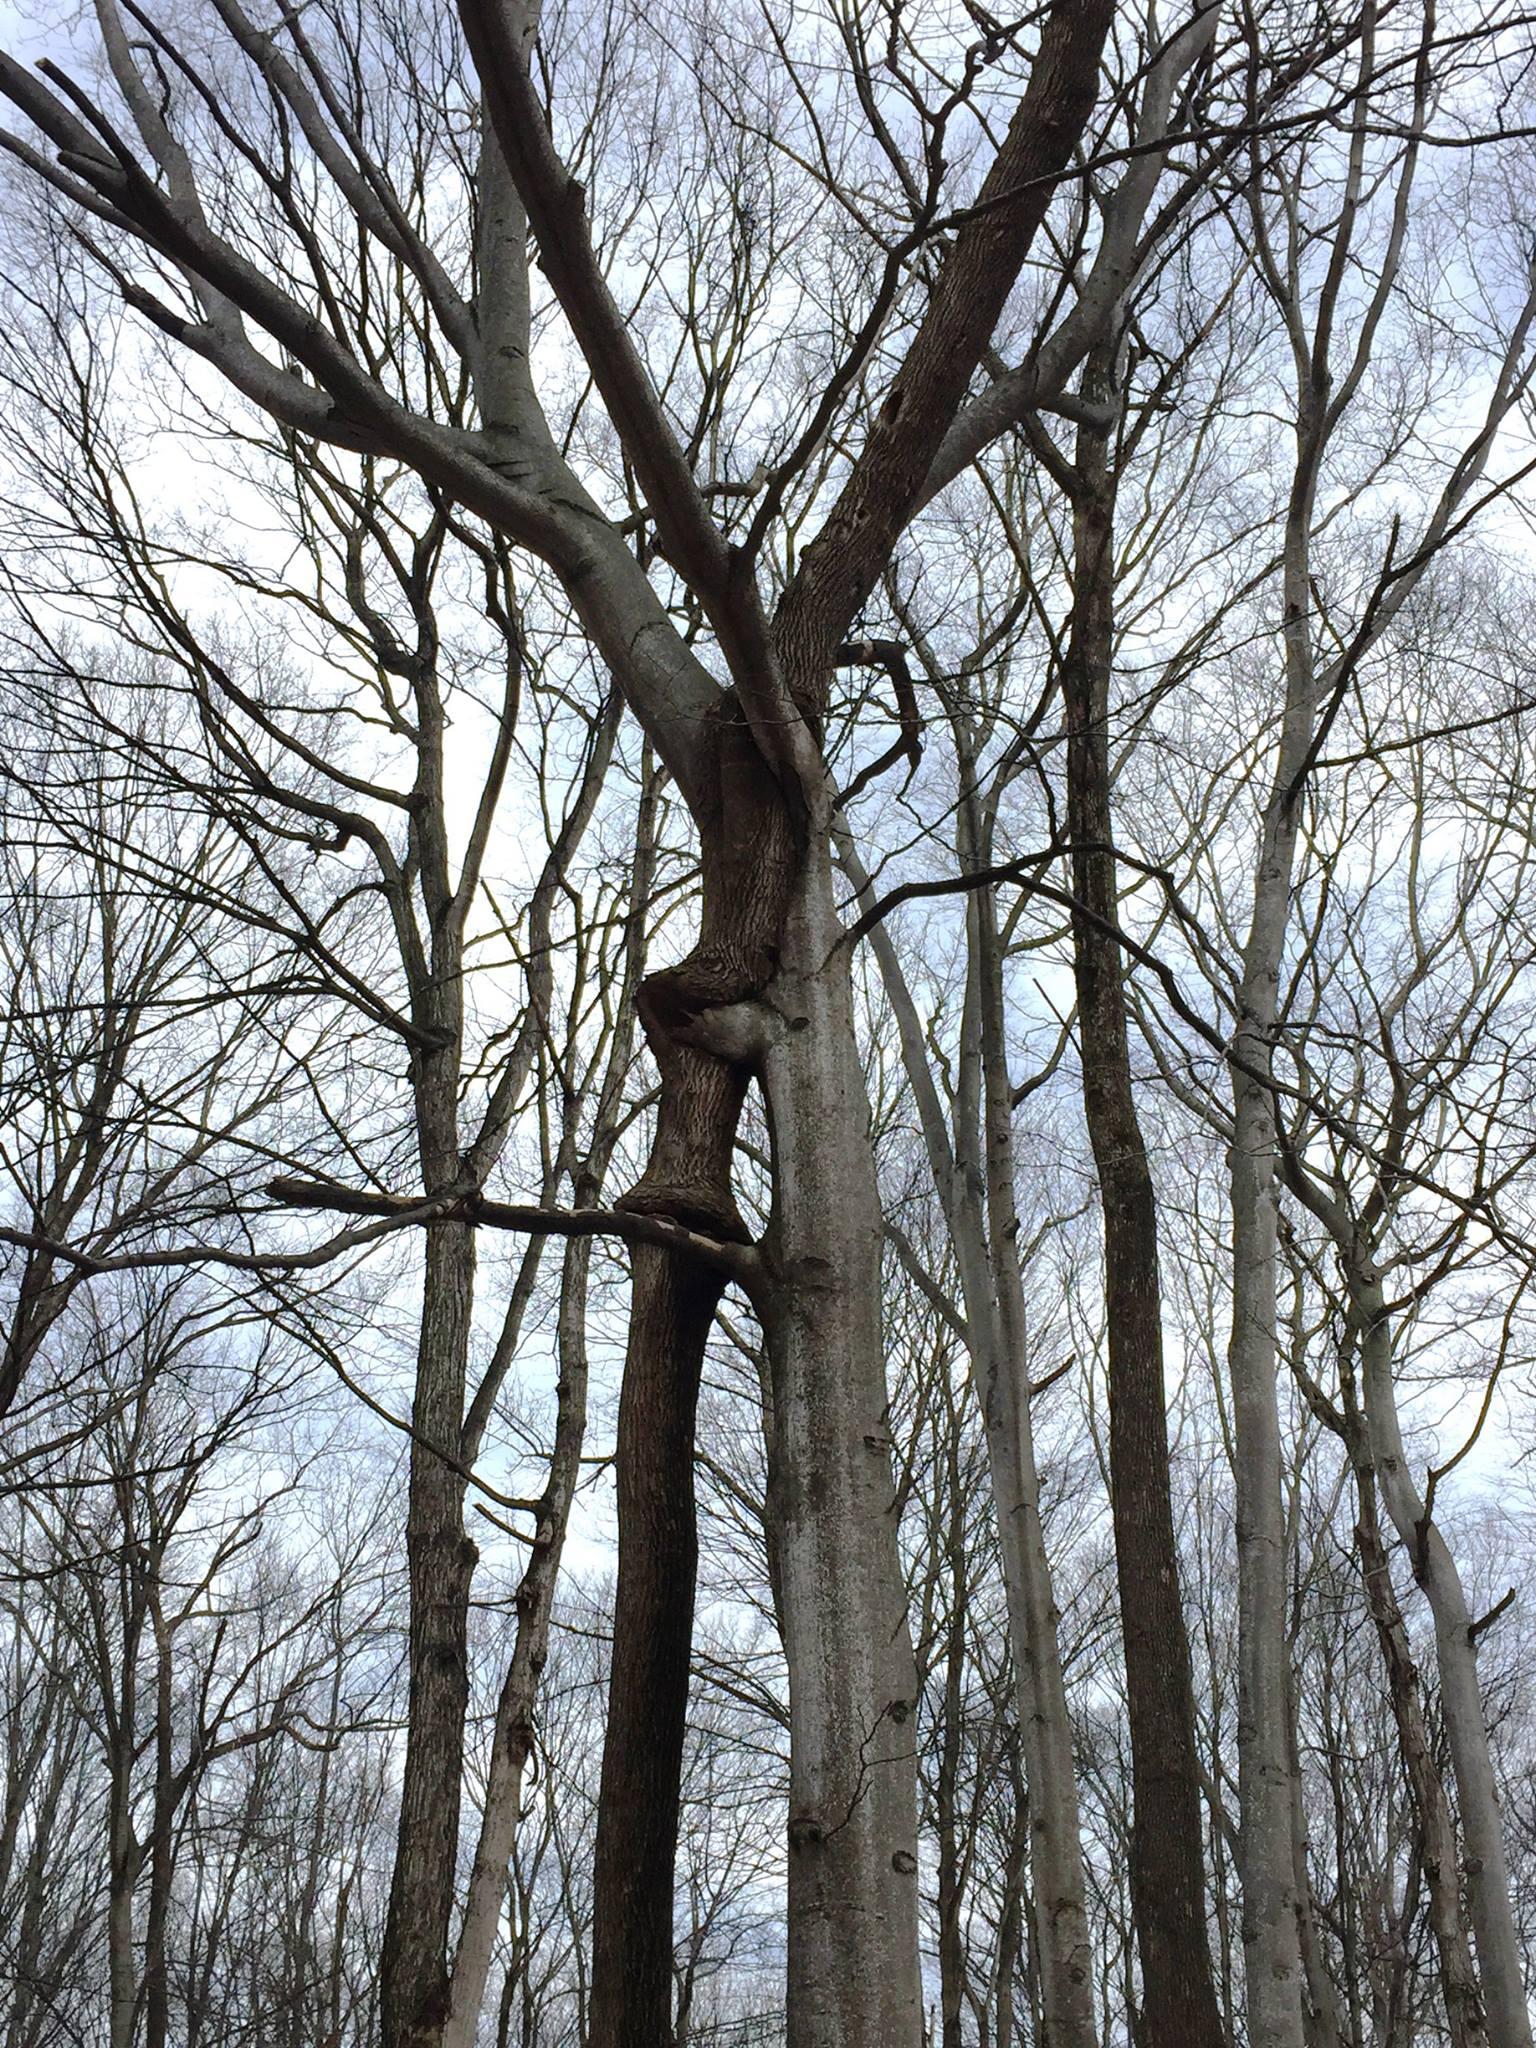 Twined Trees at Treat Farm